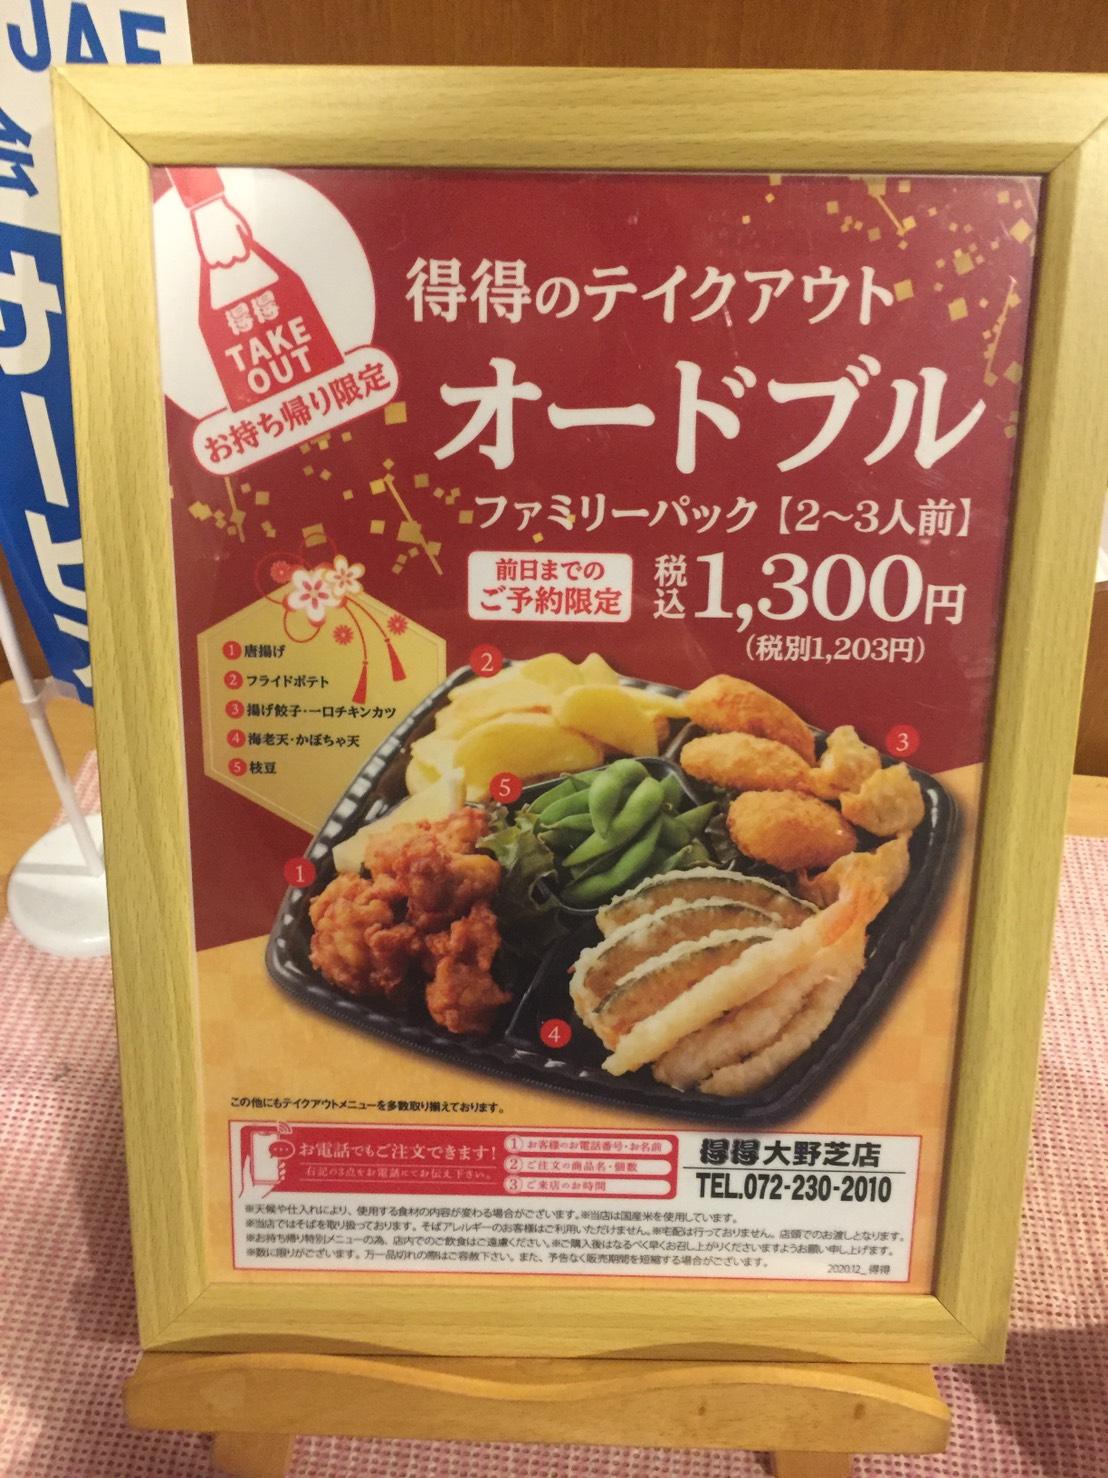 年越しにぴったり!堺市中区のあったかうどん♪『得得 大野芝店』でオードブルのテイクアウト!【テイクアウト・デリバリー特集】: